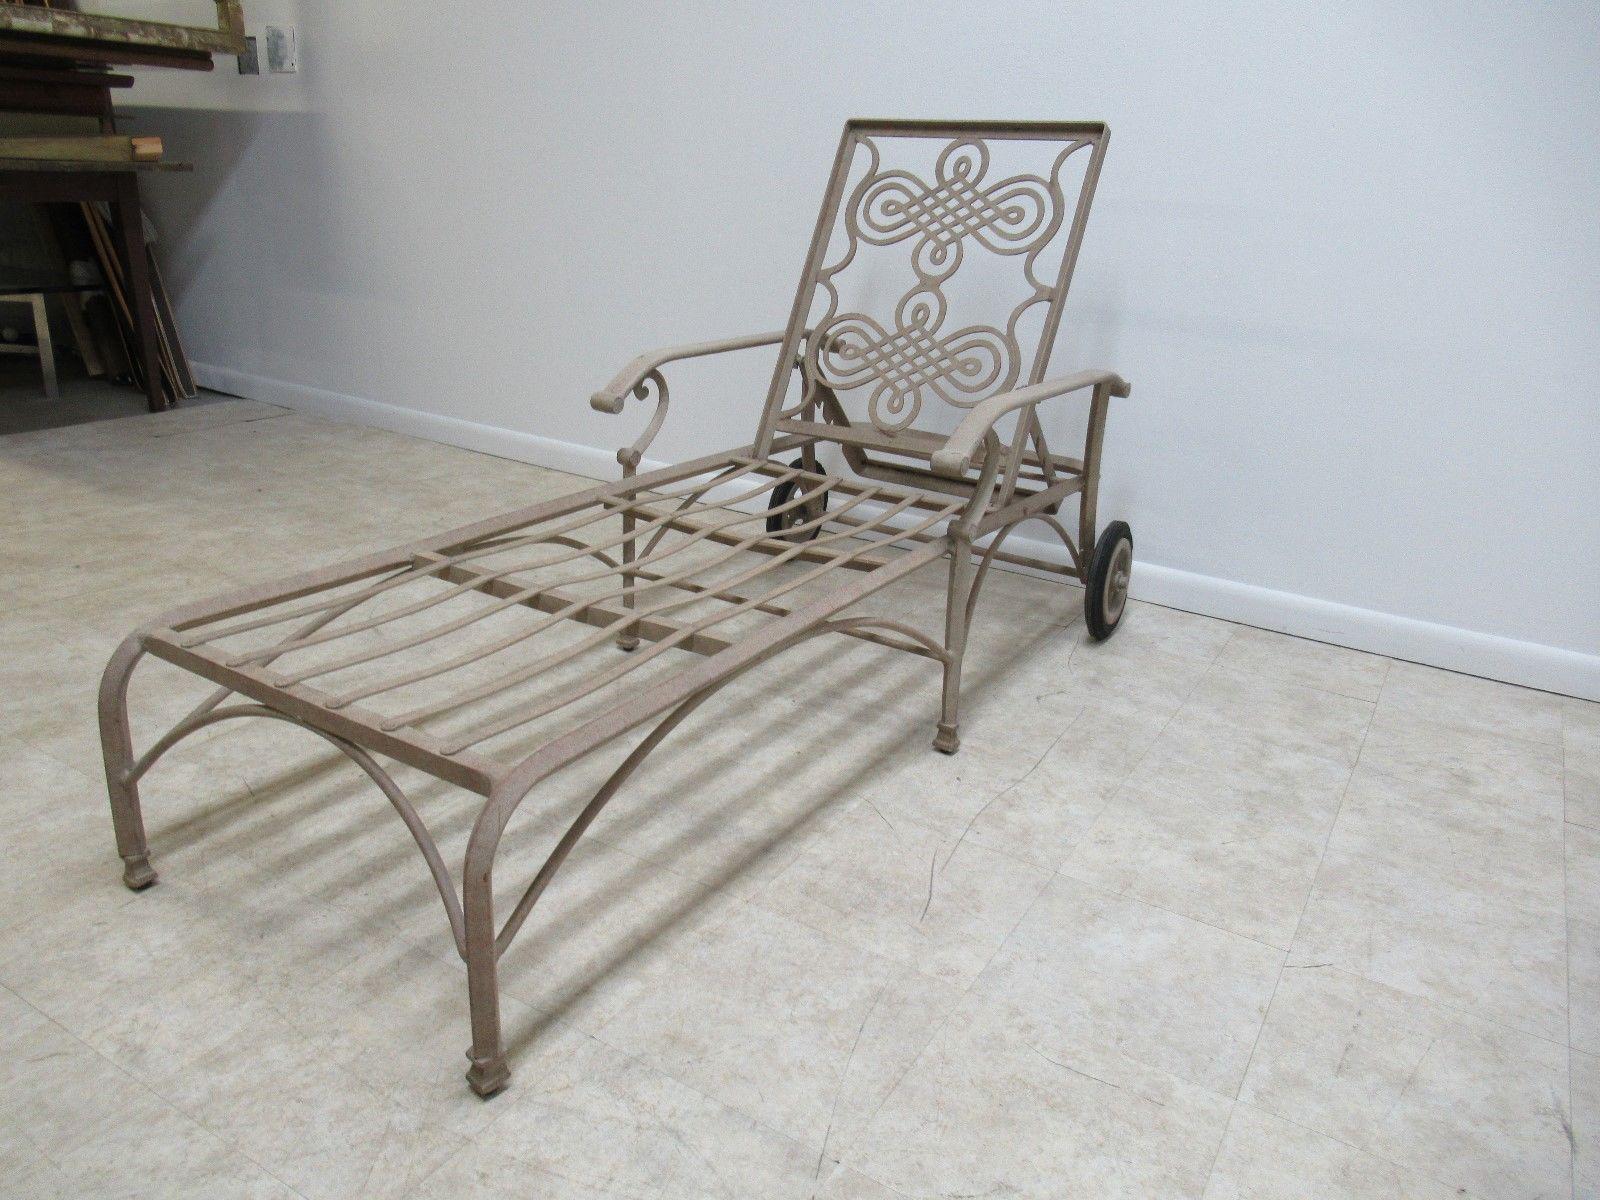 Landgrave Cast Classics Woodard Outdoor Patio Porch Chaise Lounge